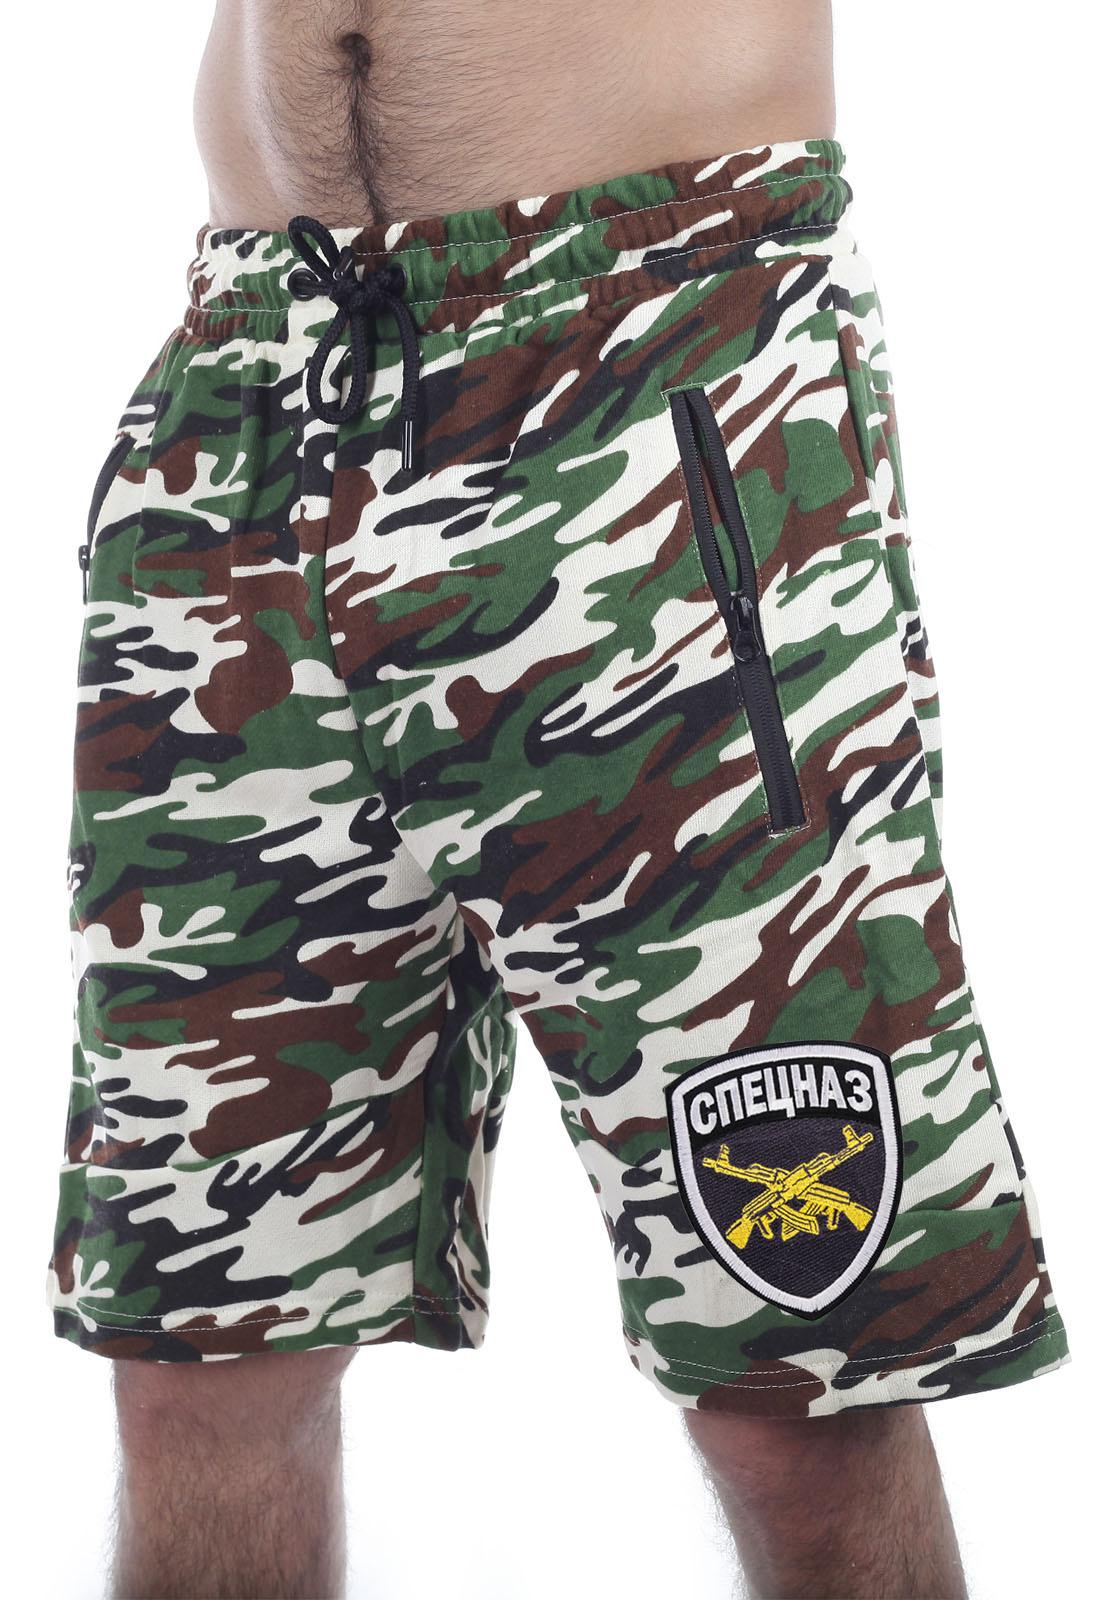 Купить в интернет магазине мужские шорты Спецназ по цене 899 р.